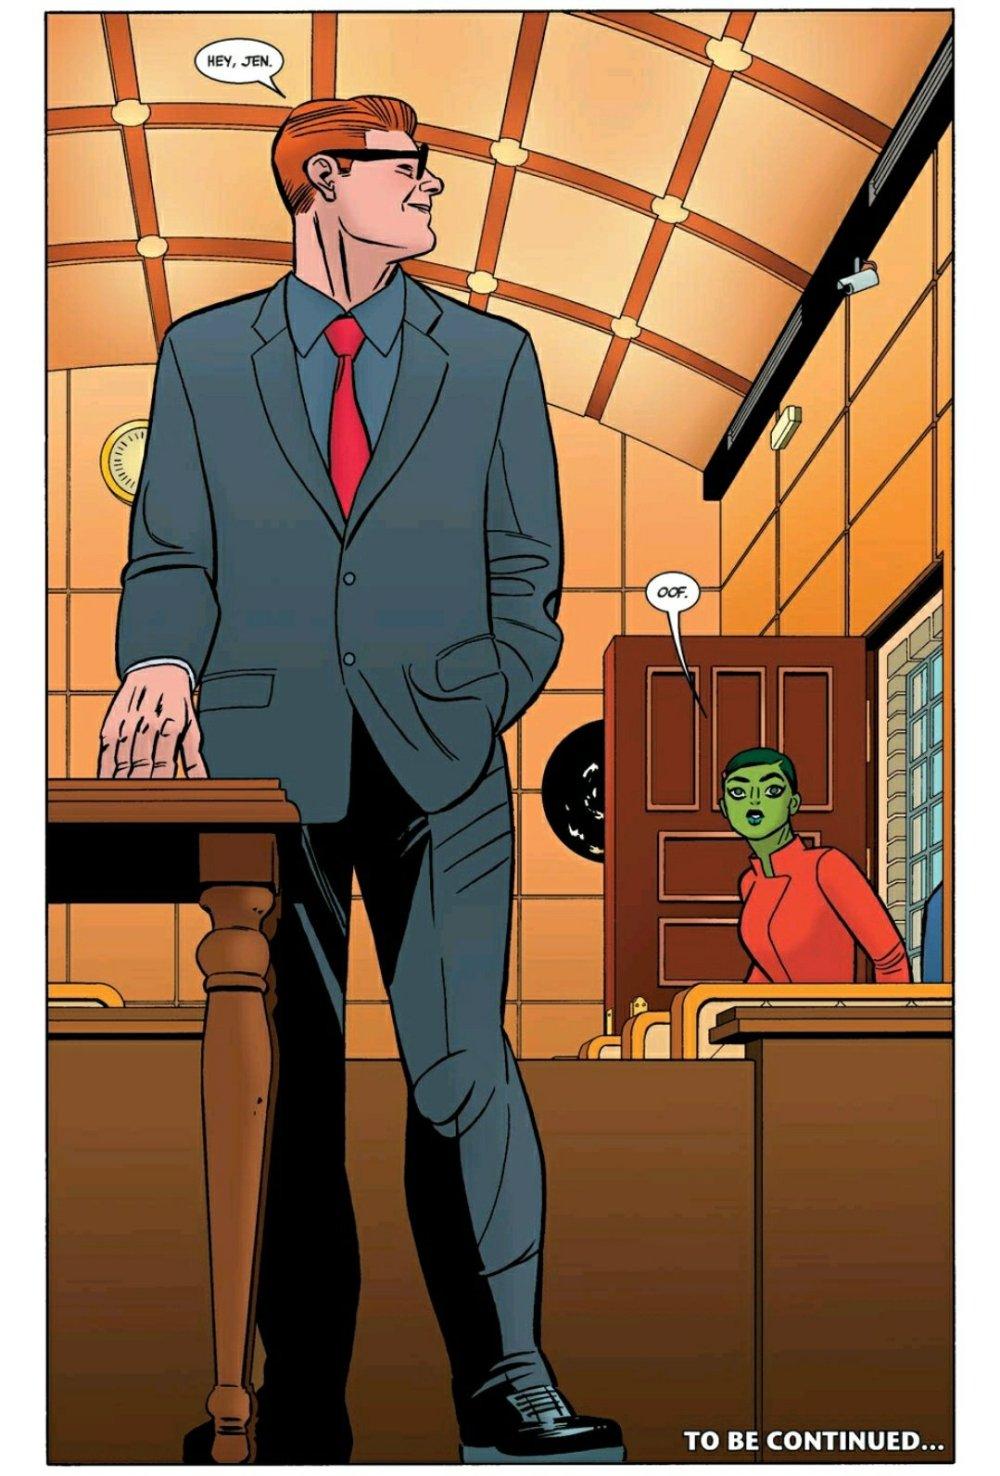 Mudock surprising Walters in court.